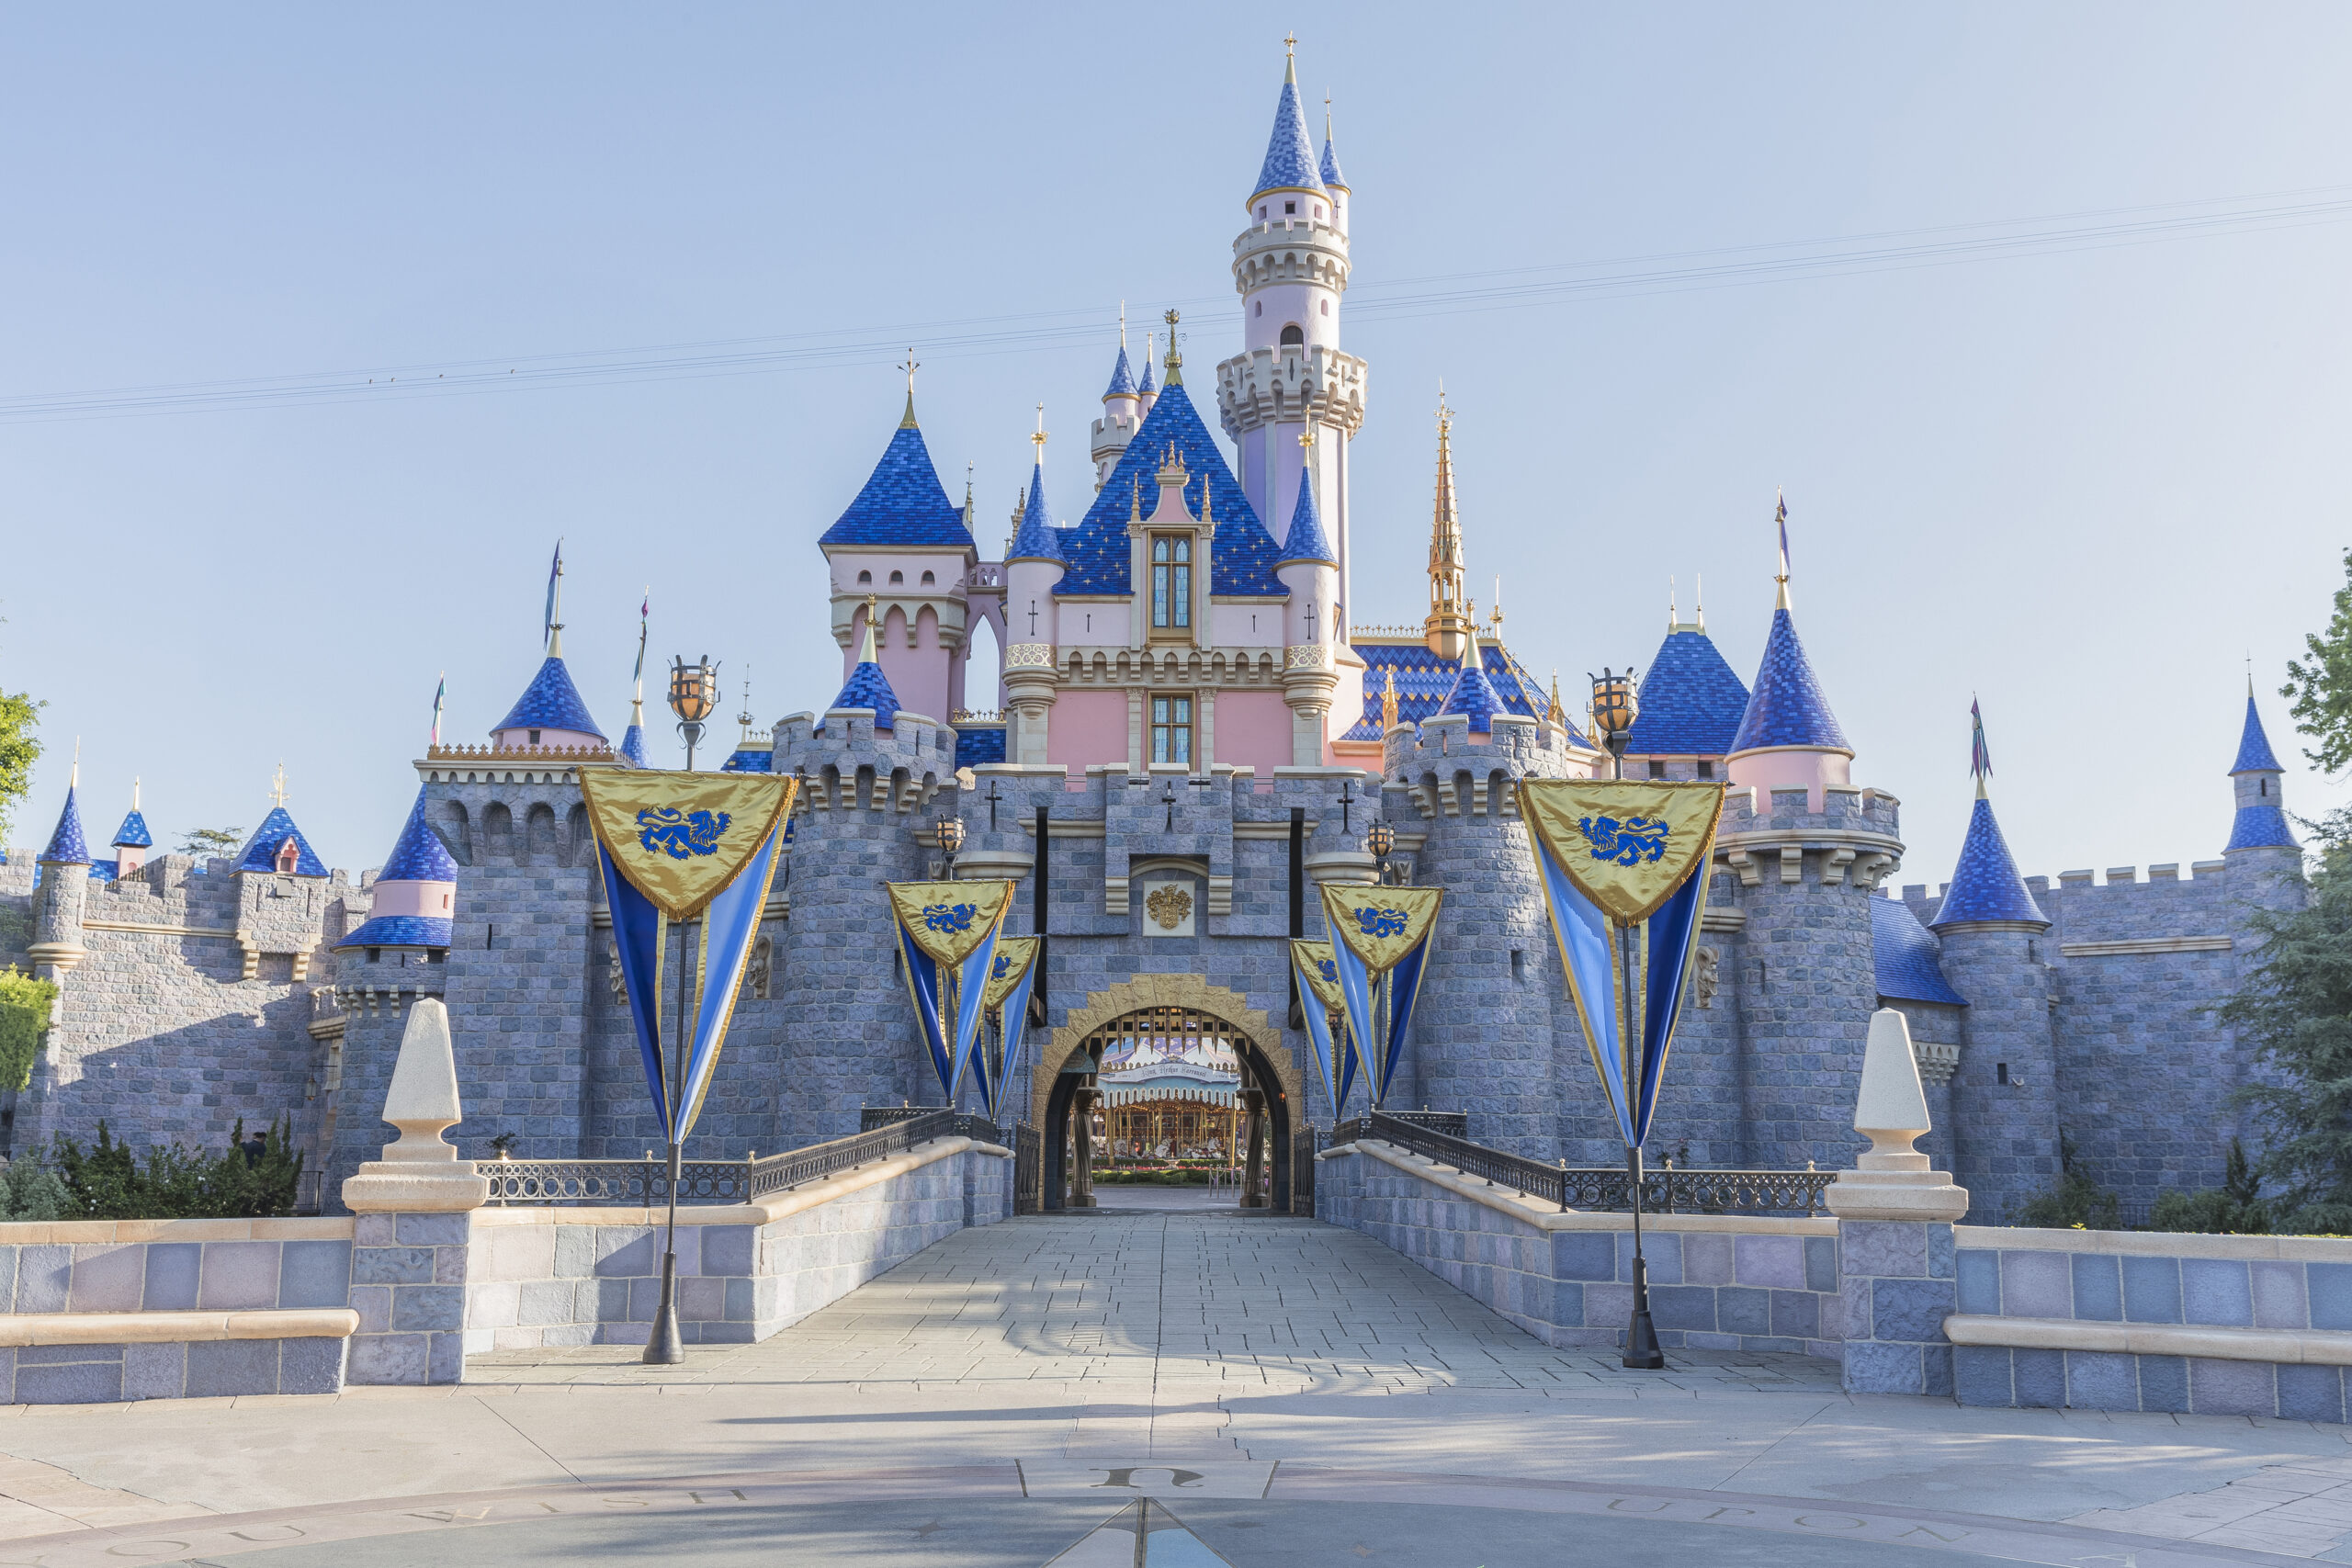 Disneyland Rides List 2021